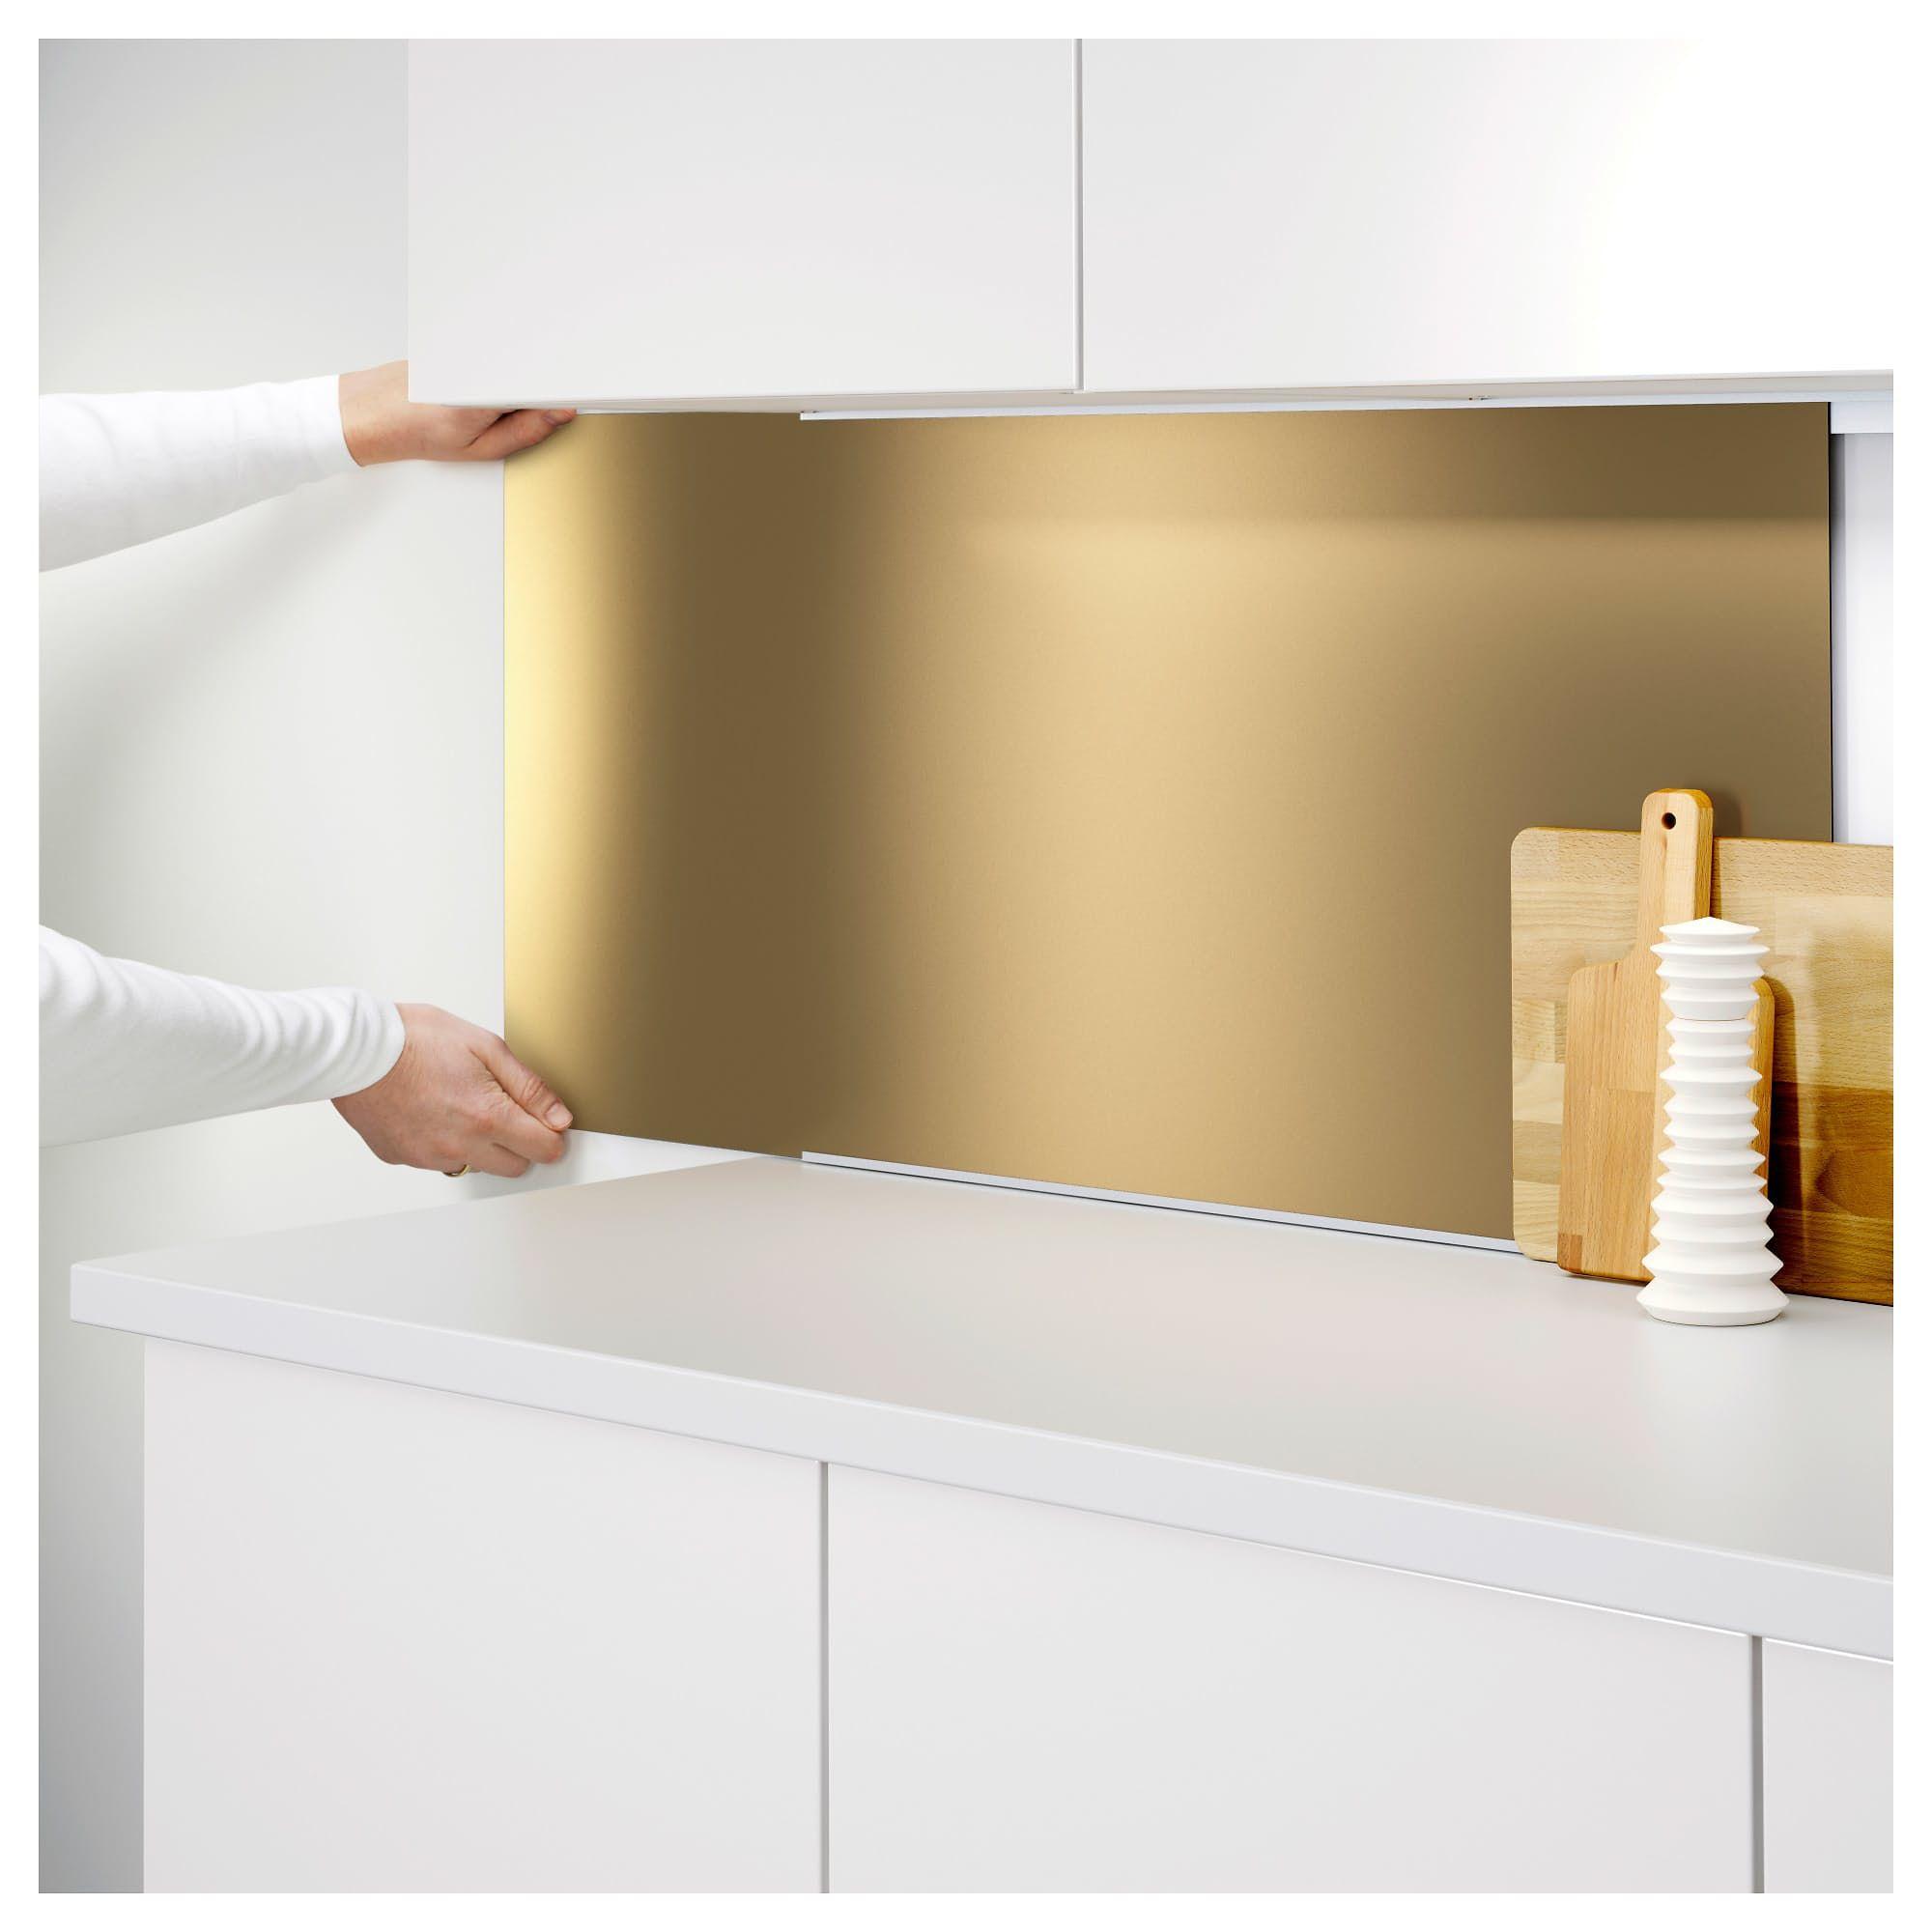 1 Lysekil Brass Plate Wandpaneele Ikea Wandpaneele Kuchenwandpaneele